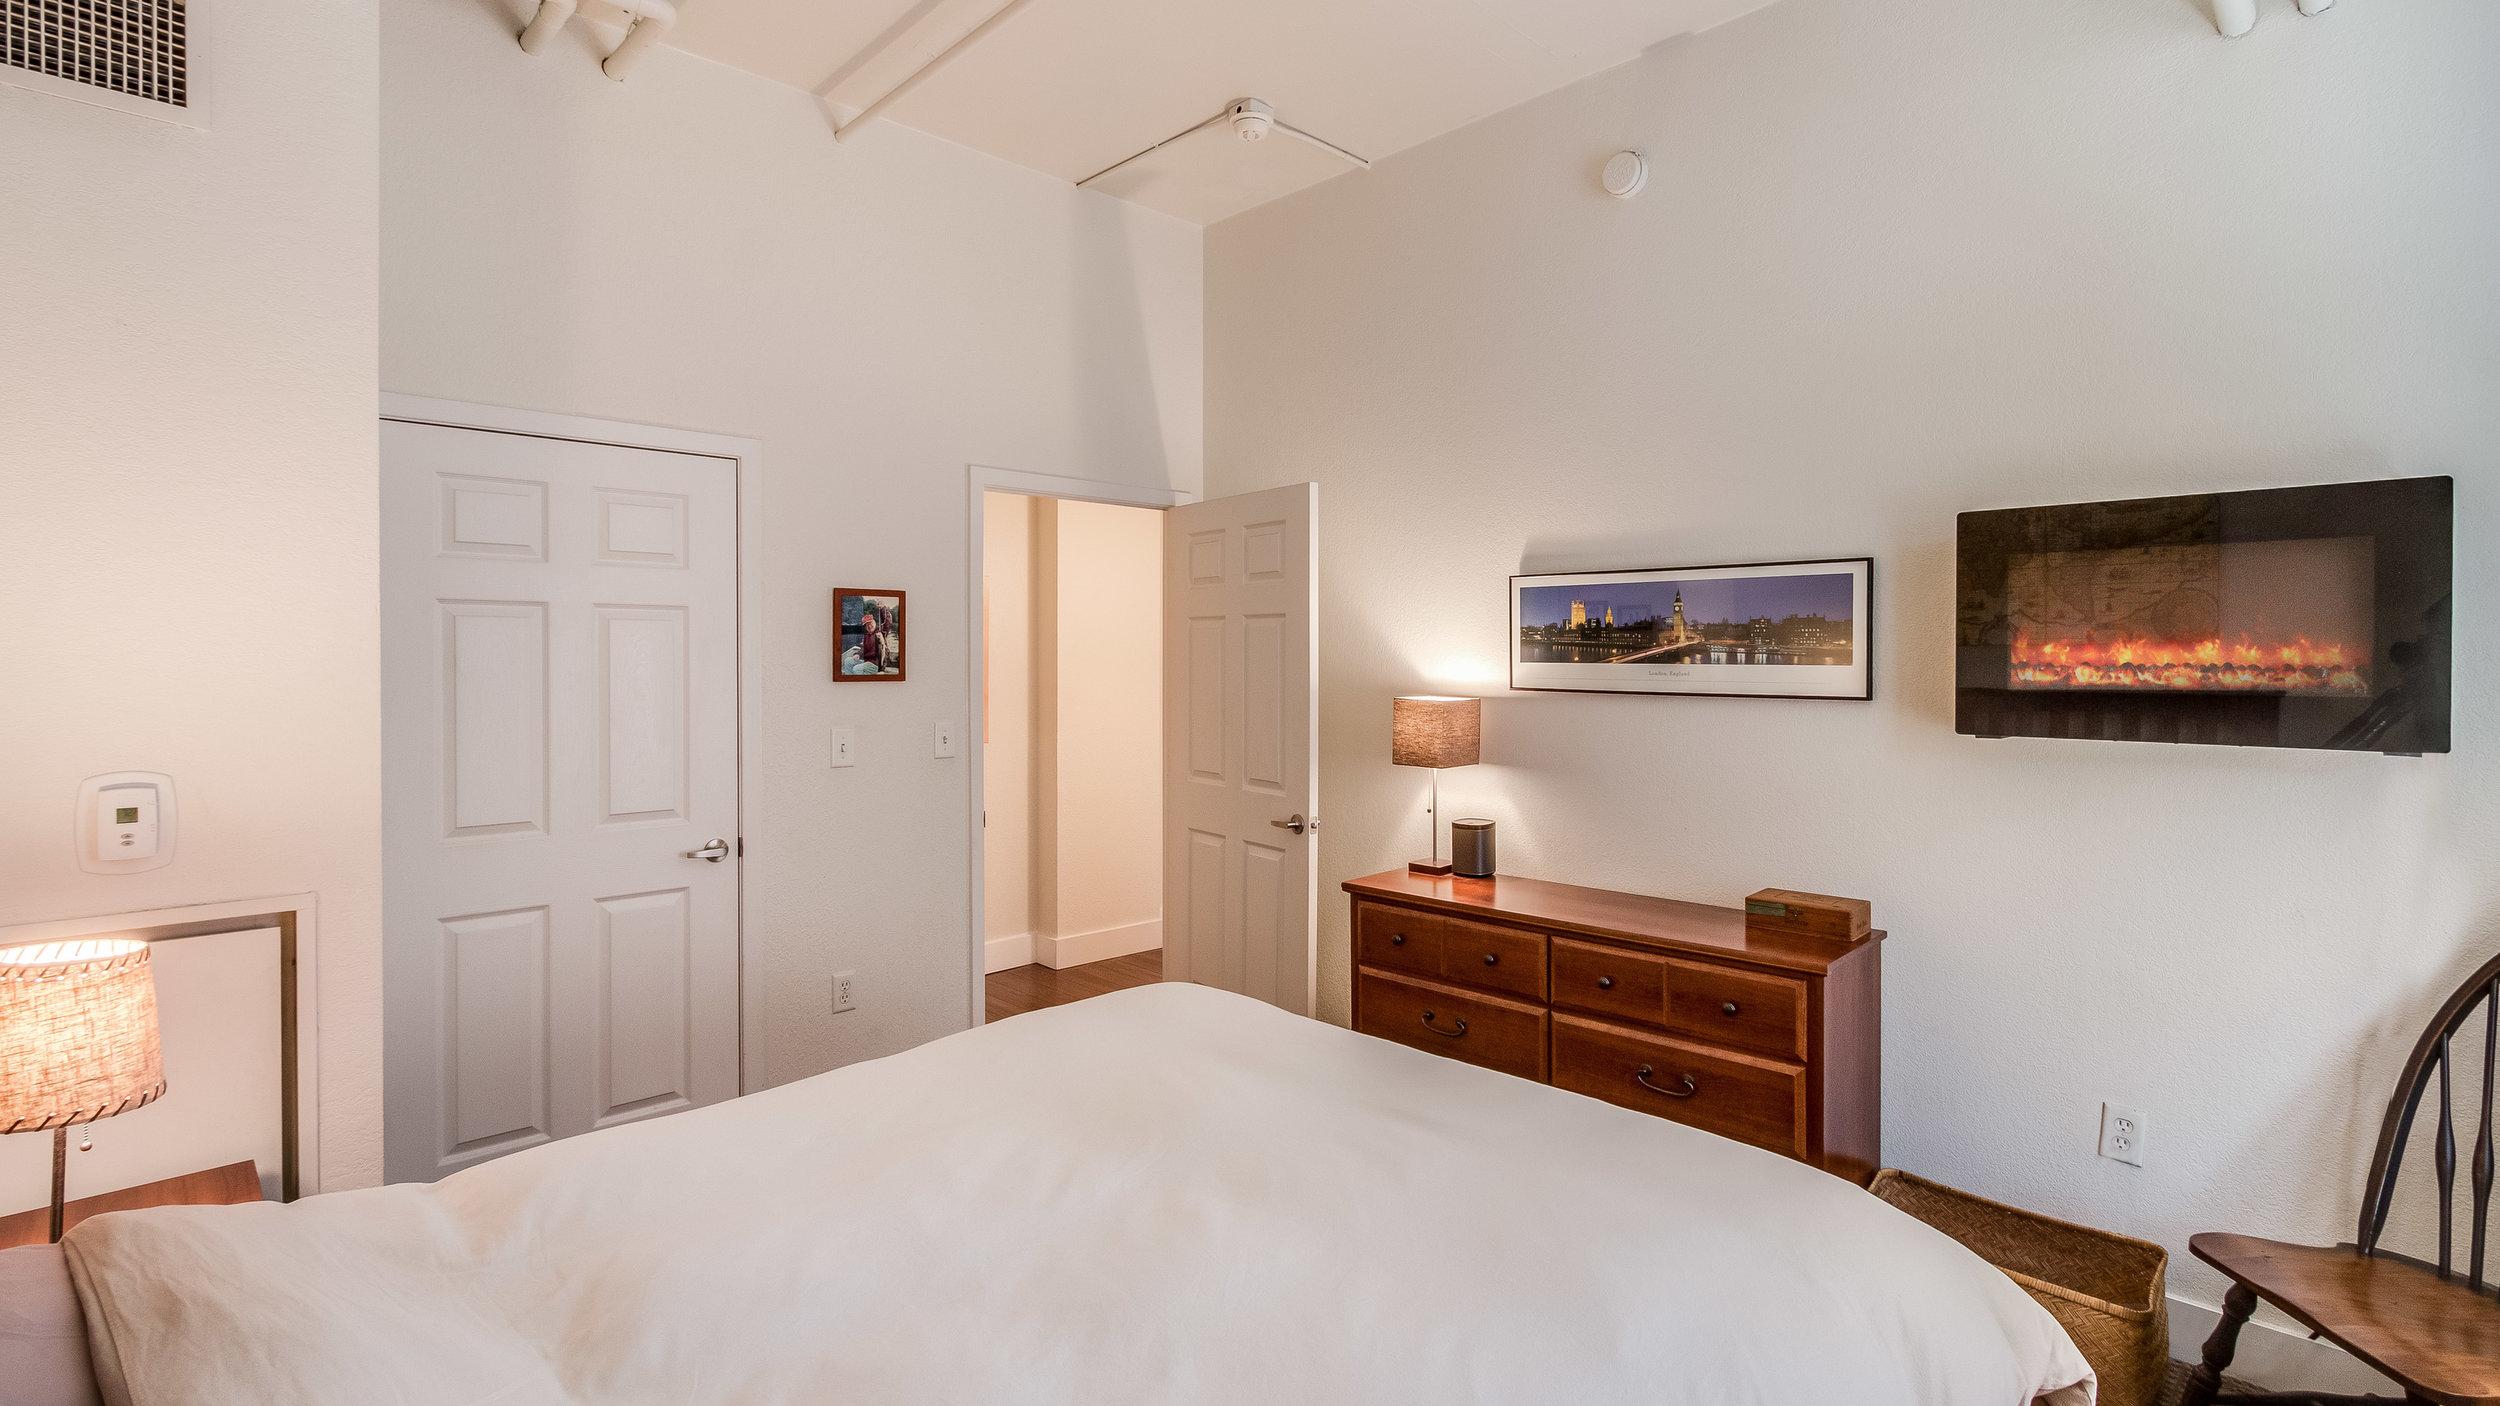 14 44417th206 Bedroom 1 (13).jpg